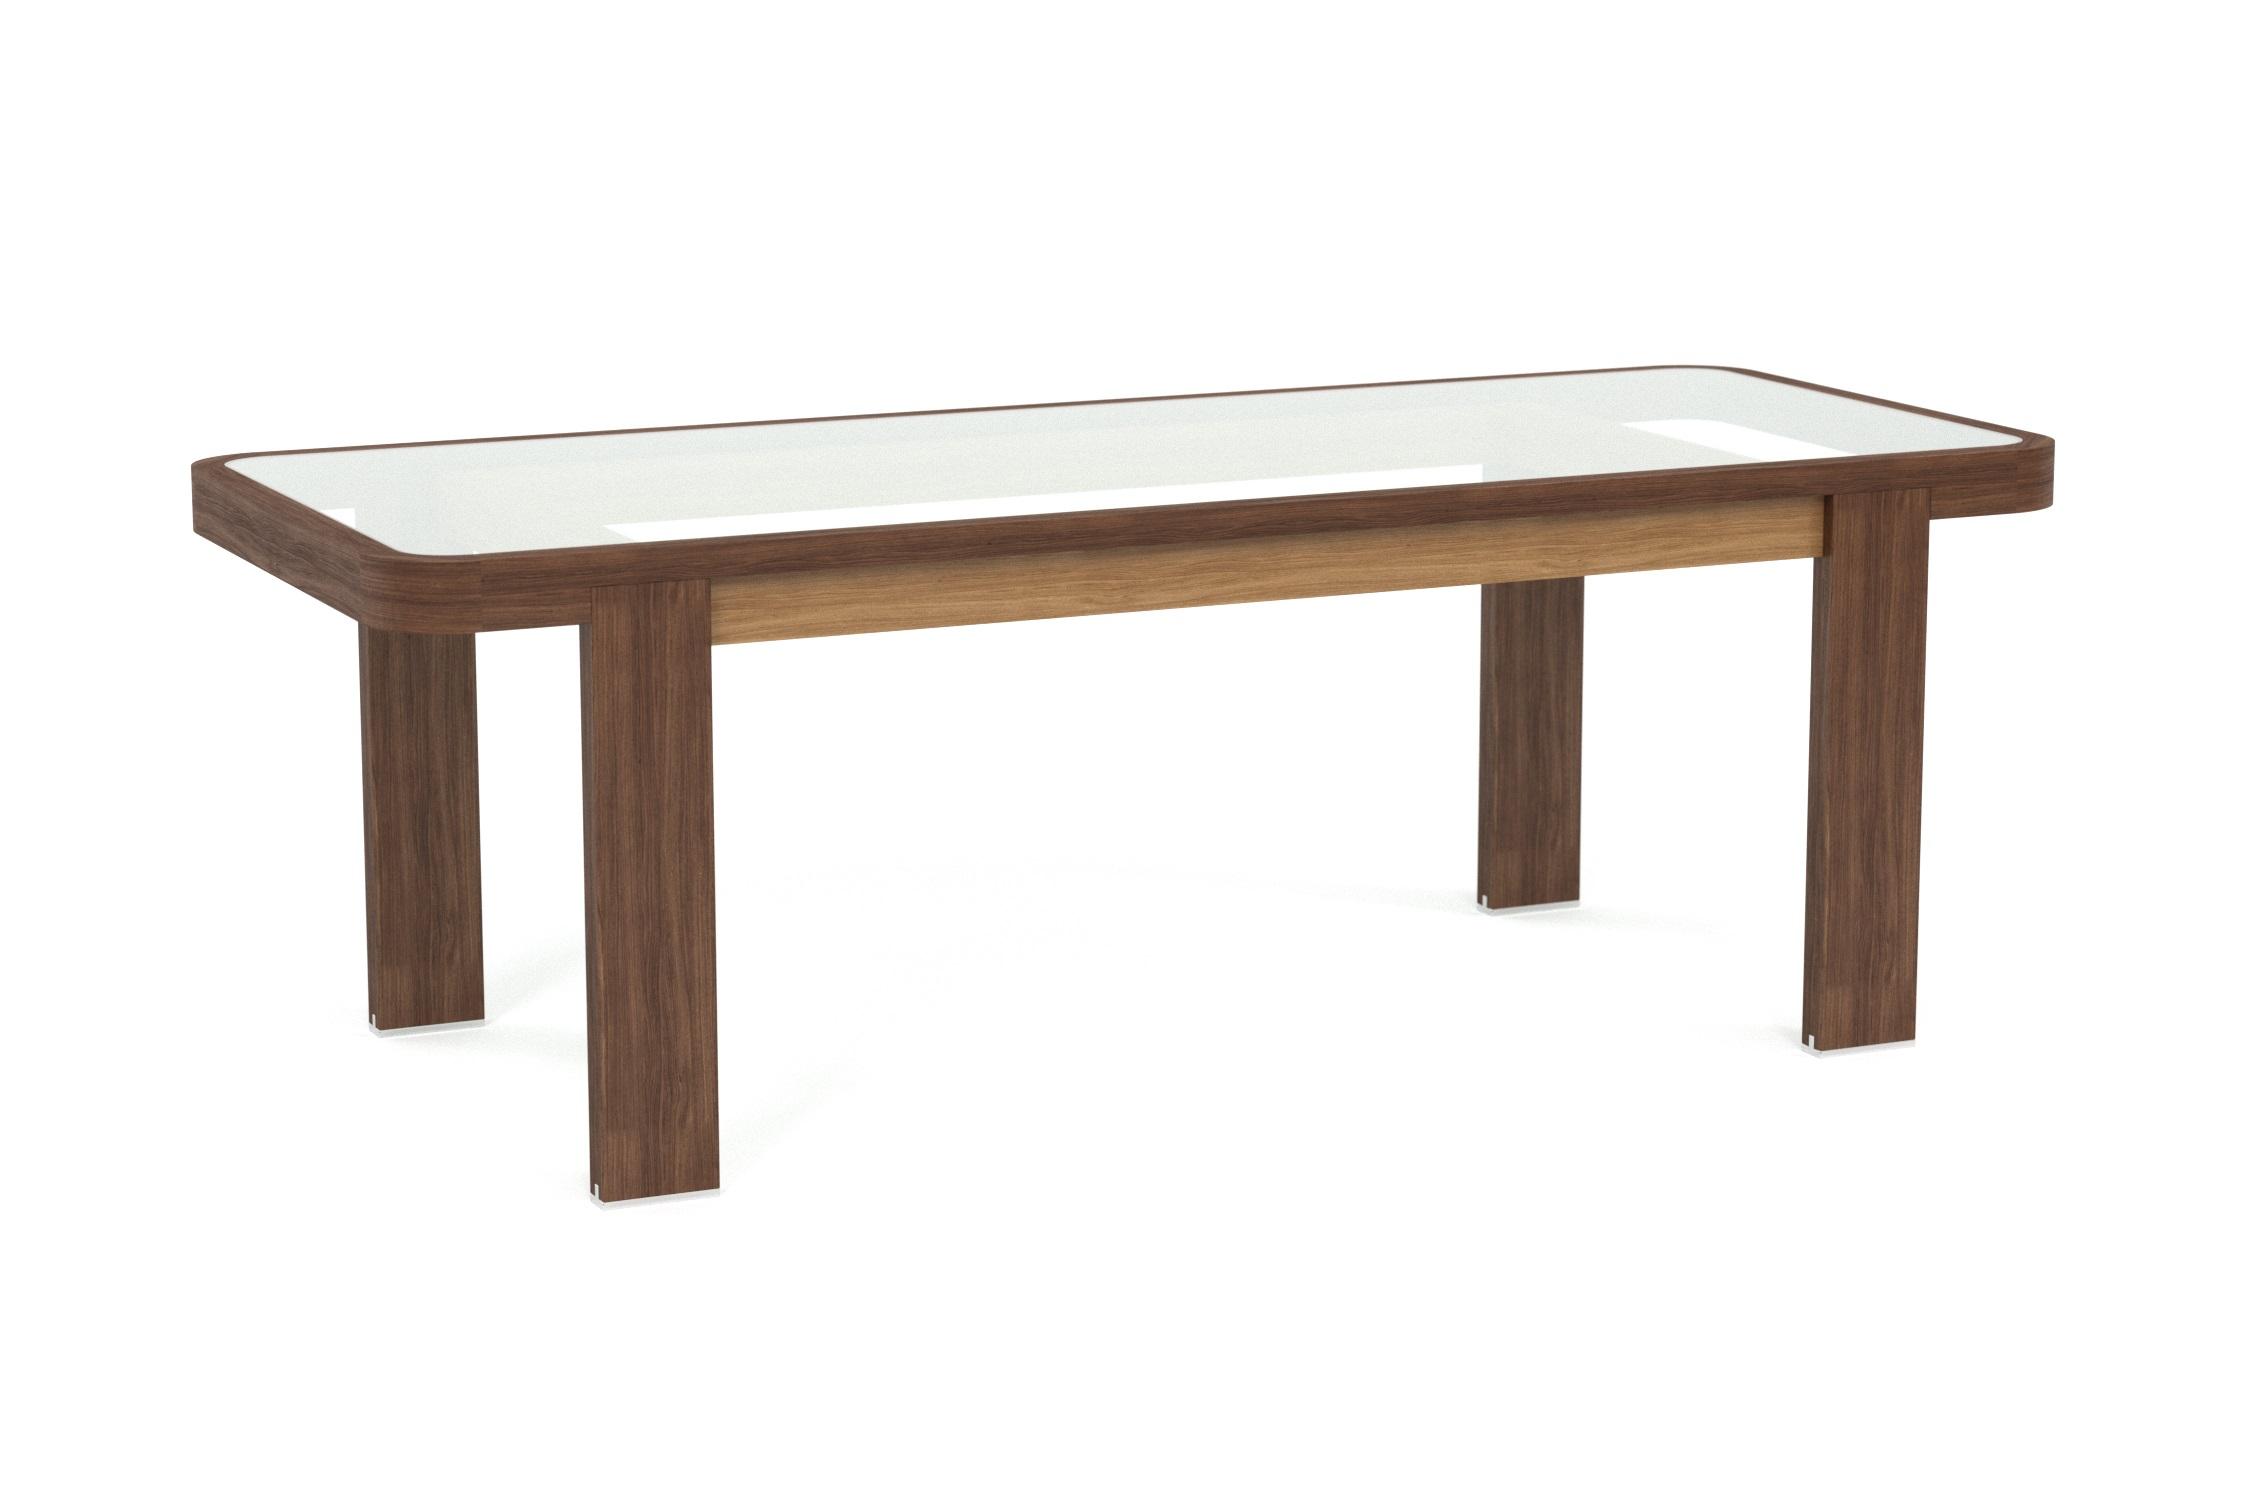 Стол обеденный LagoonОбеденные столы<br><br><br>Material: Дерево<br>Ширина см: 220<br>Высота см: 75<br>Глубина см: 90